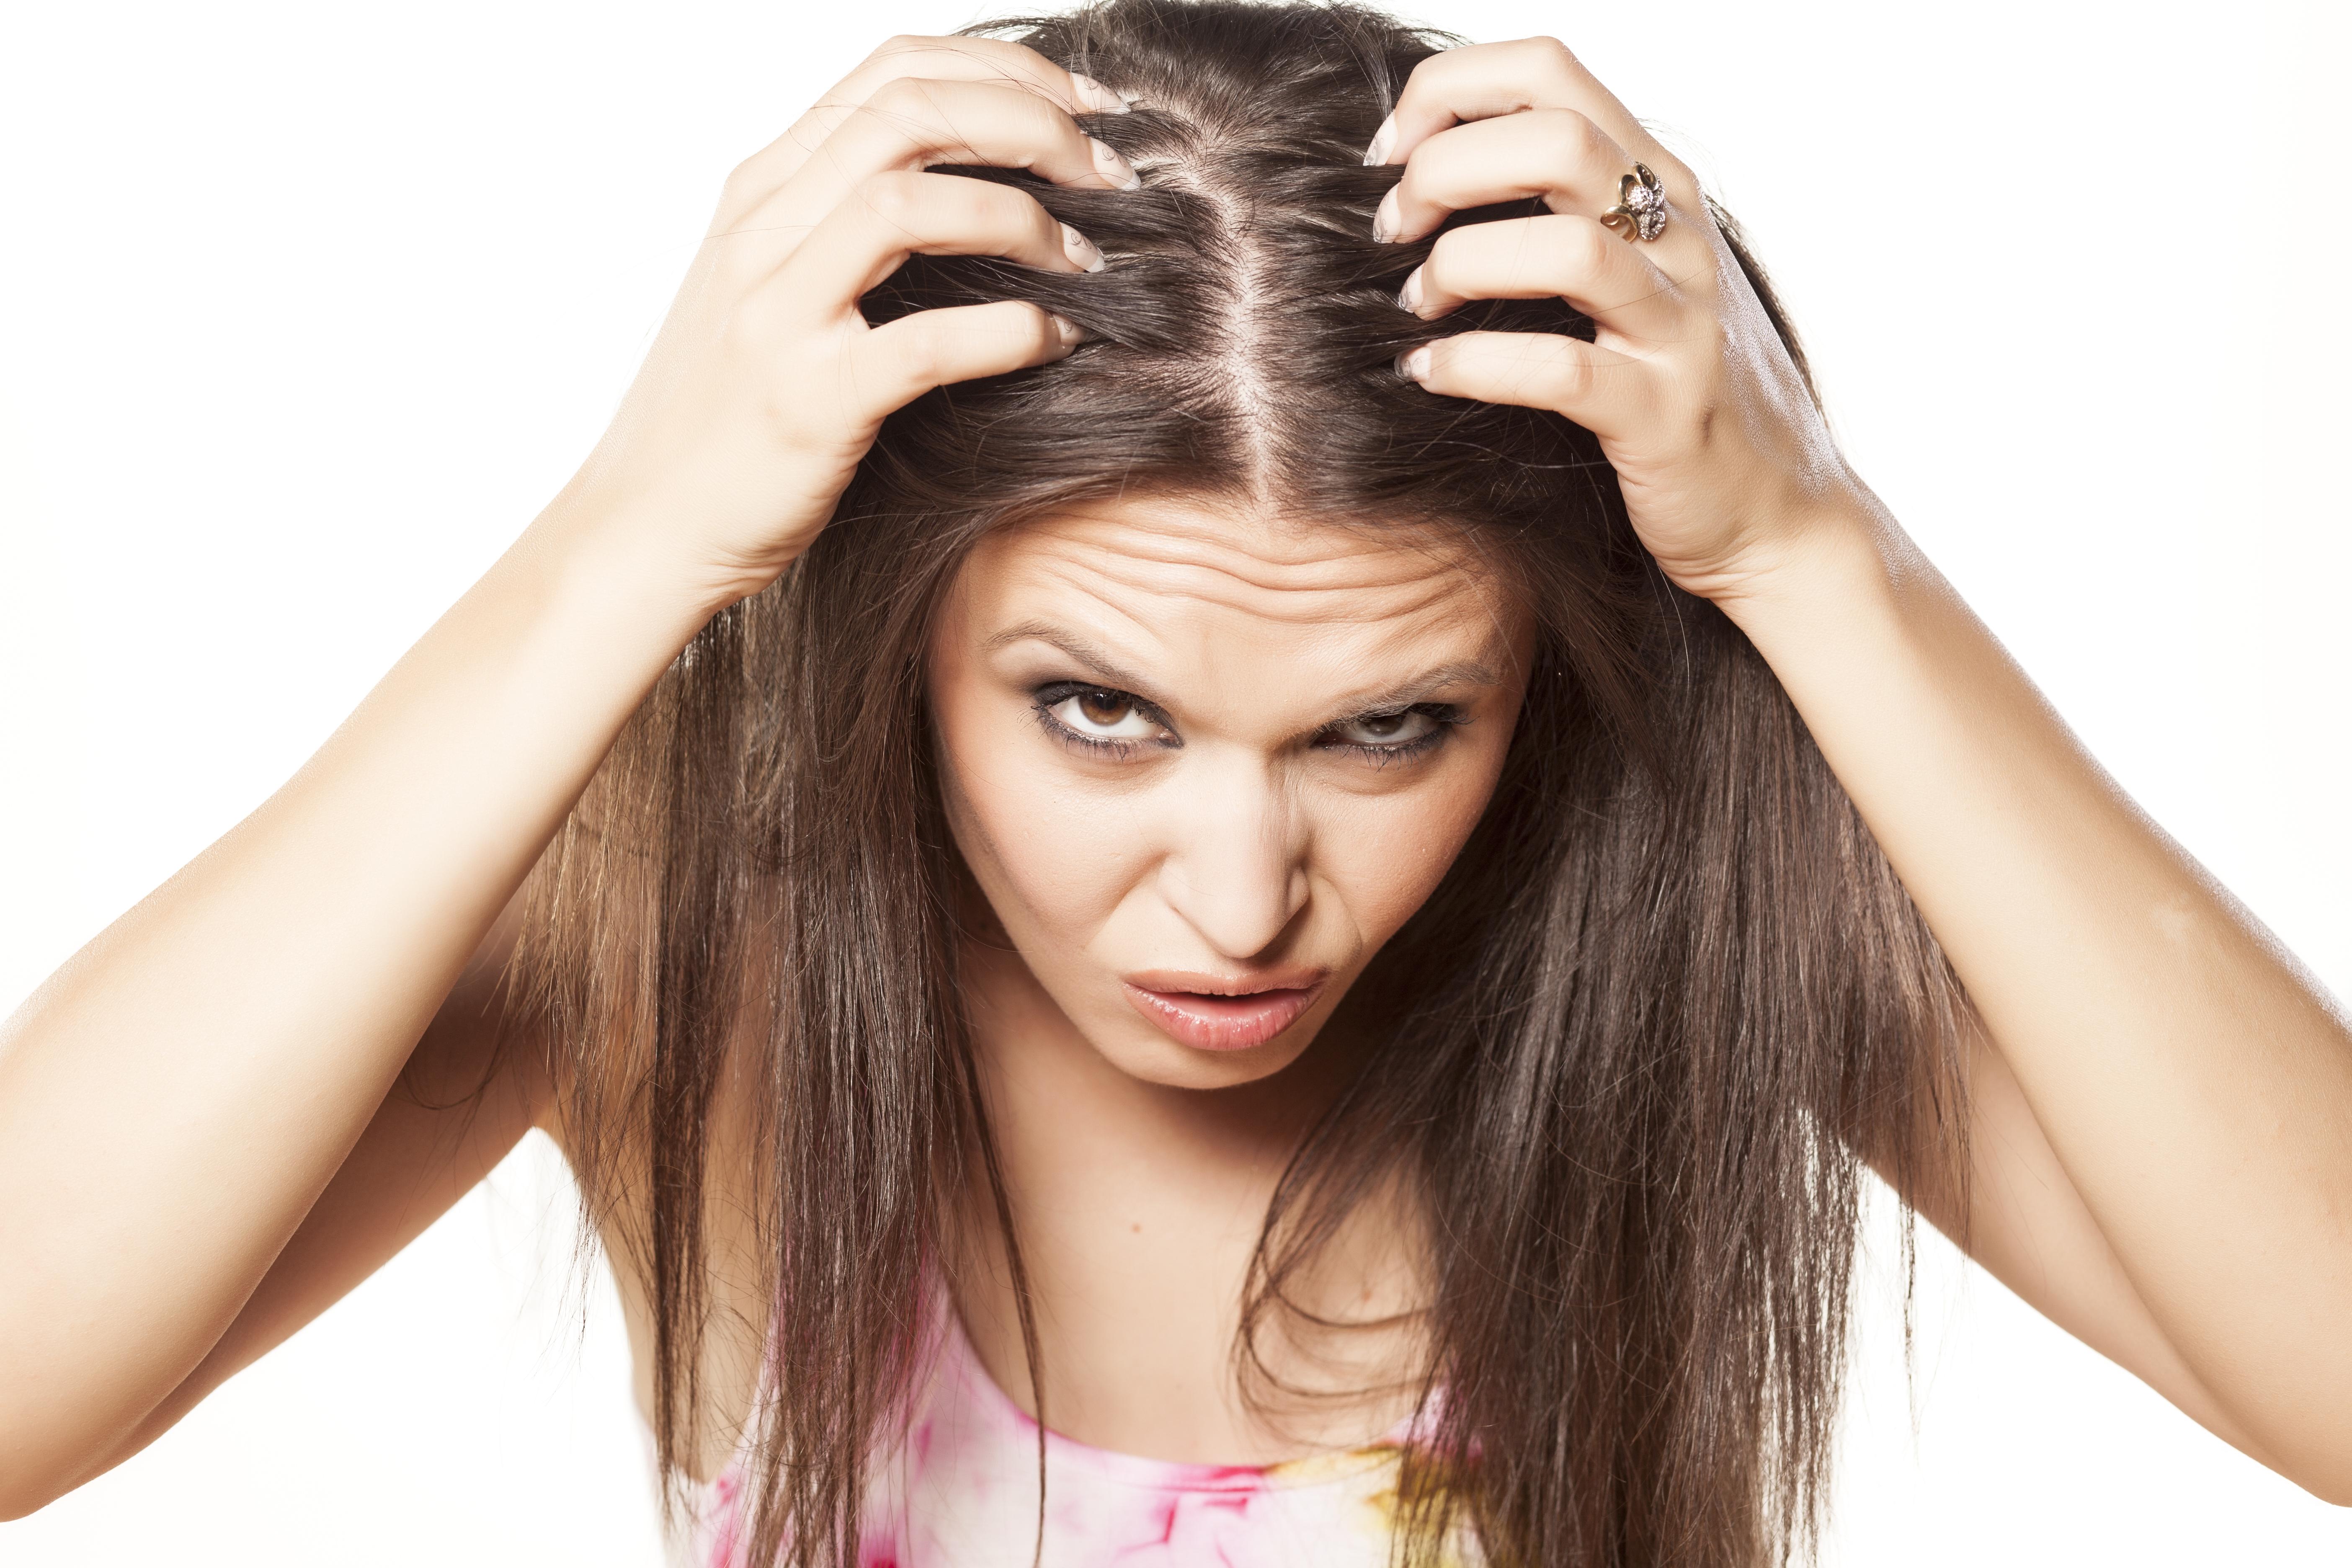 Dolor del cuero cabelludo al tacto